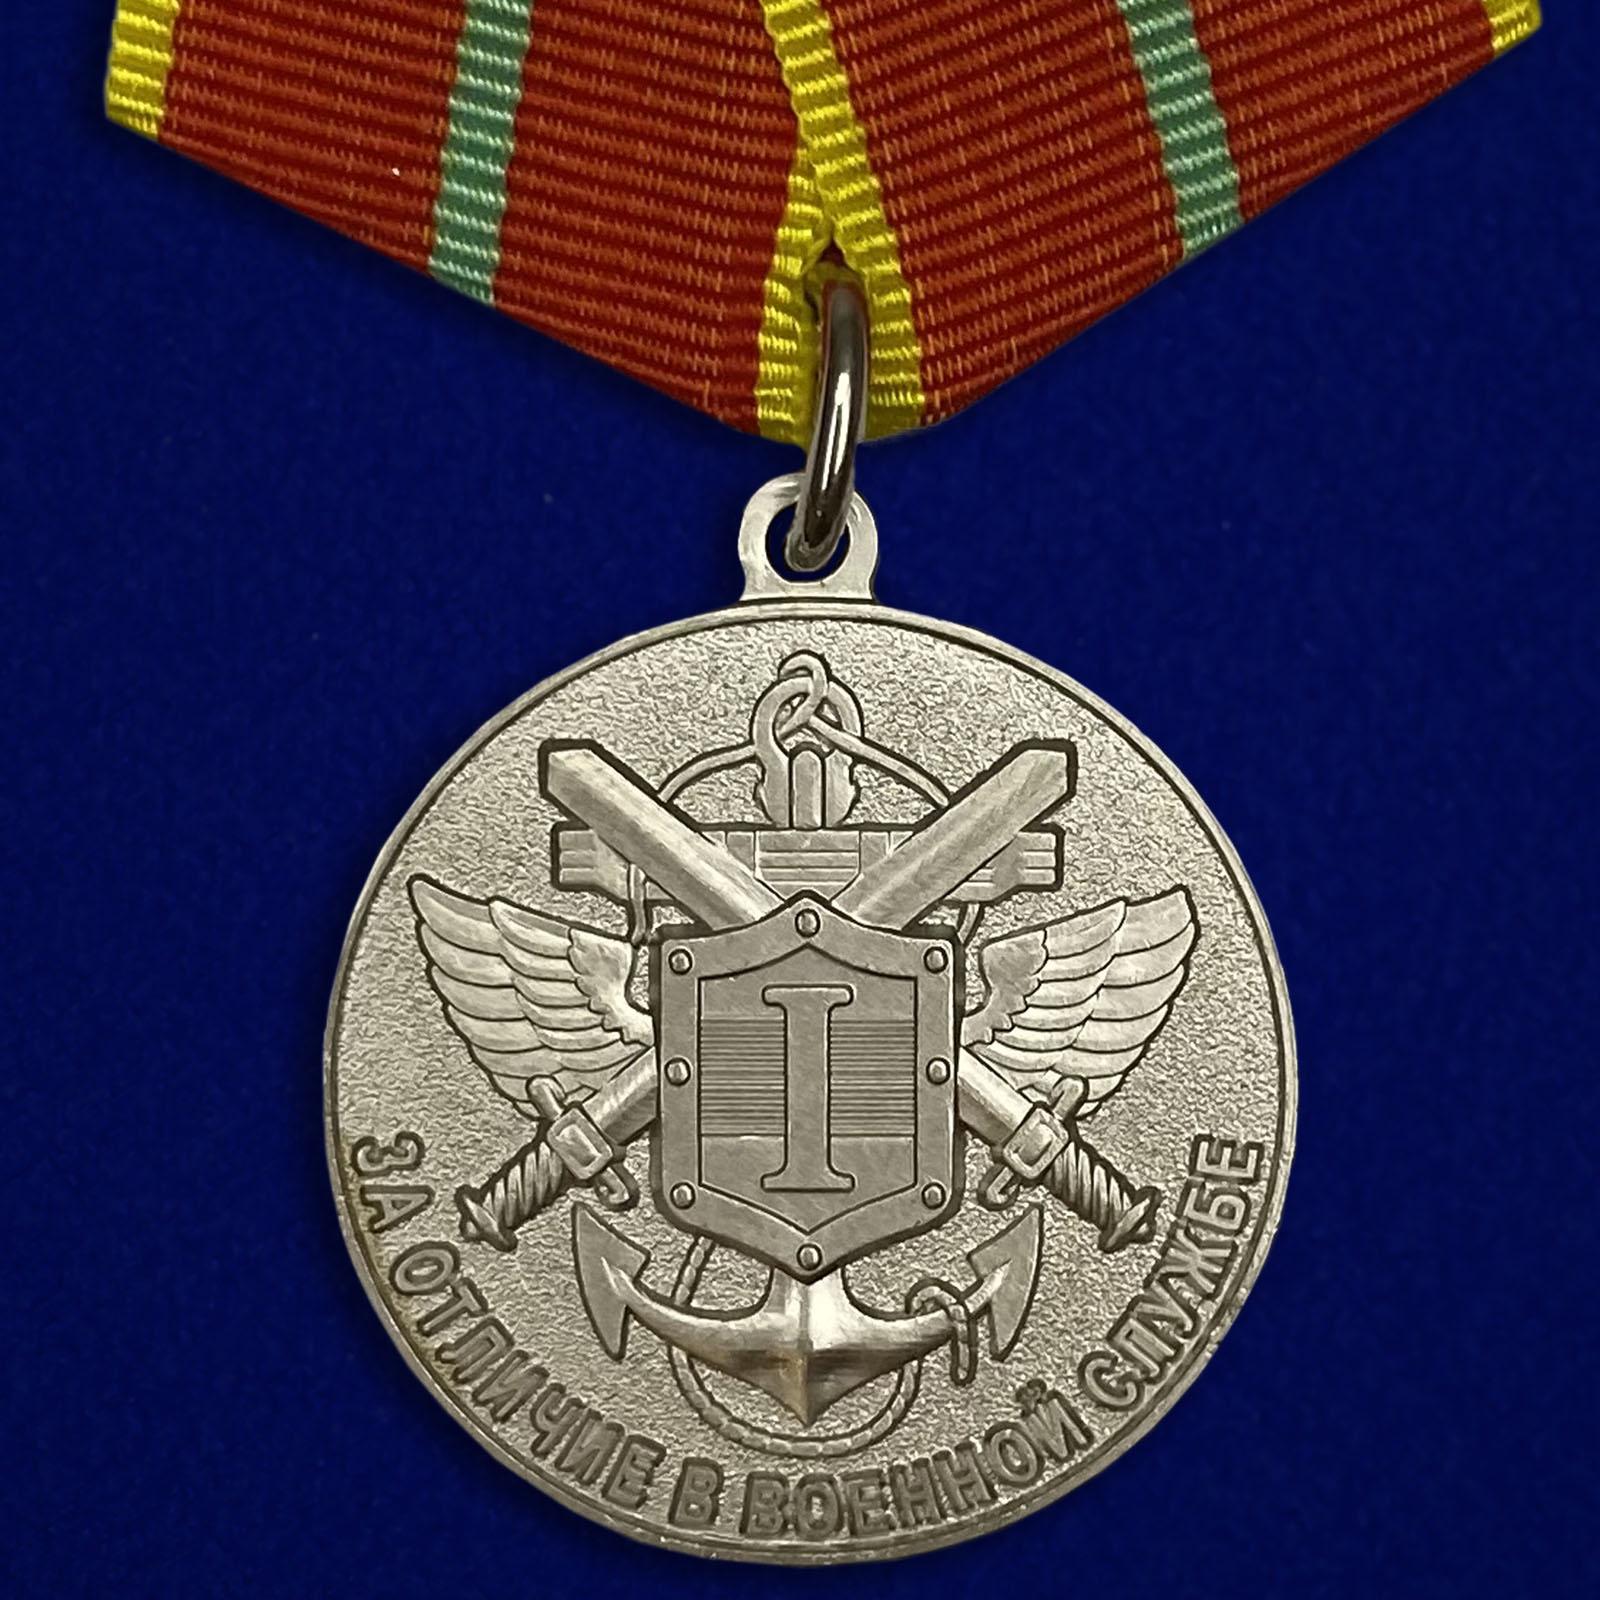 Купить медаль МЧС За отличие в военной службе 1 степень на подставке онлайн